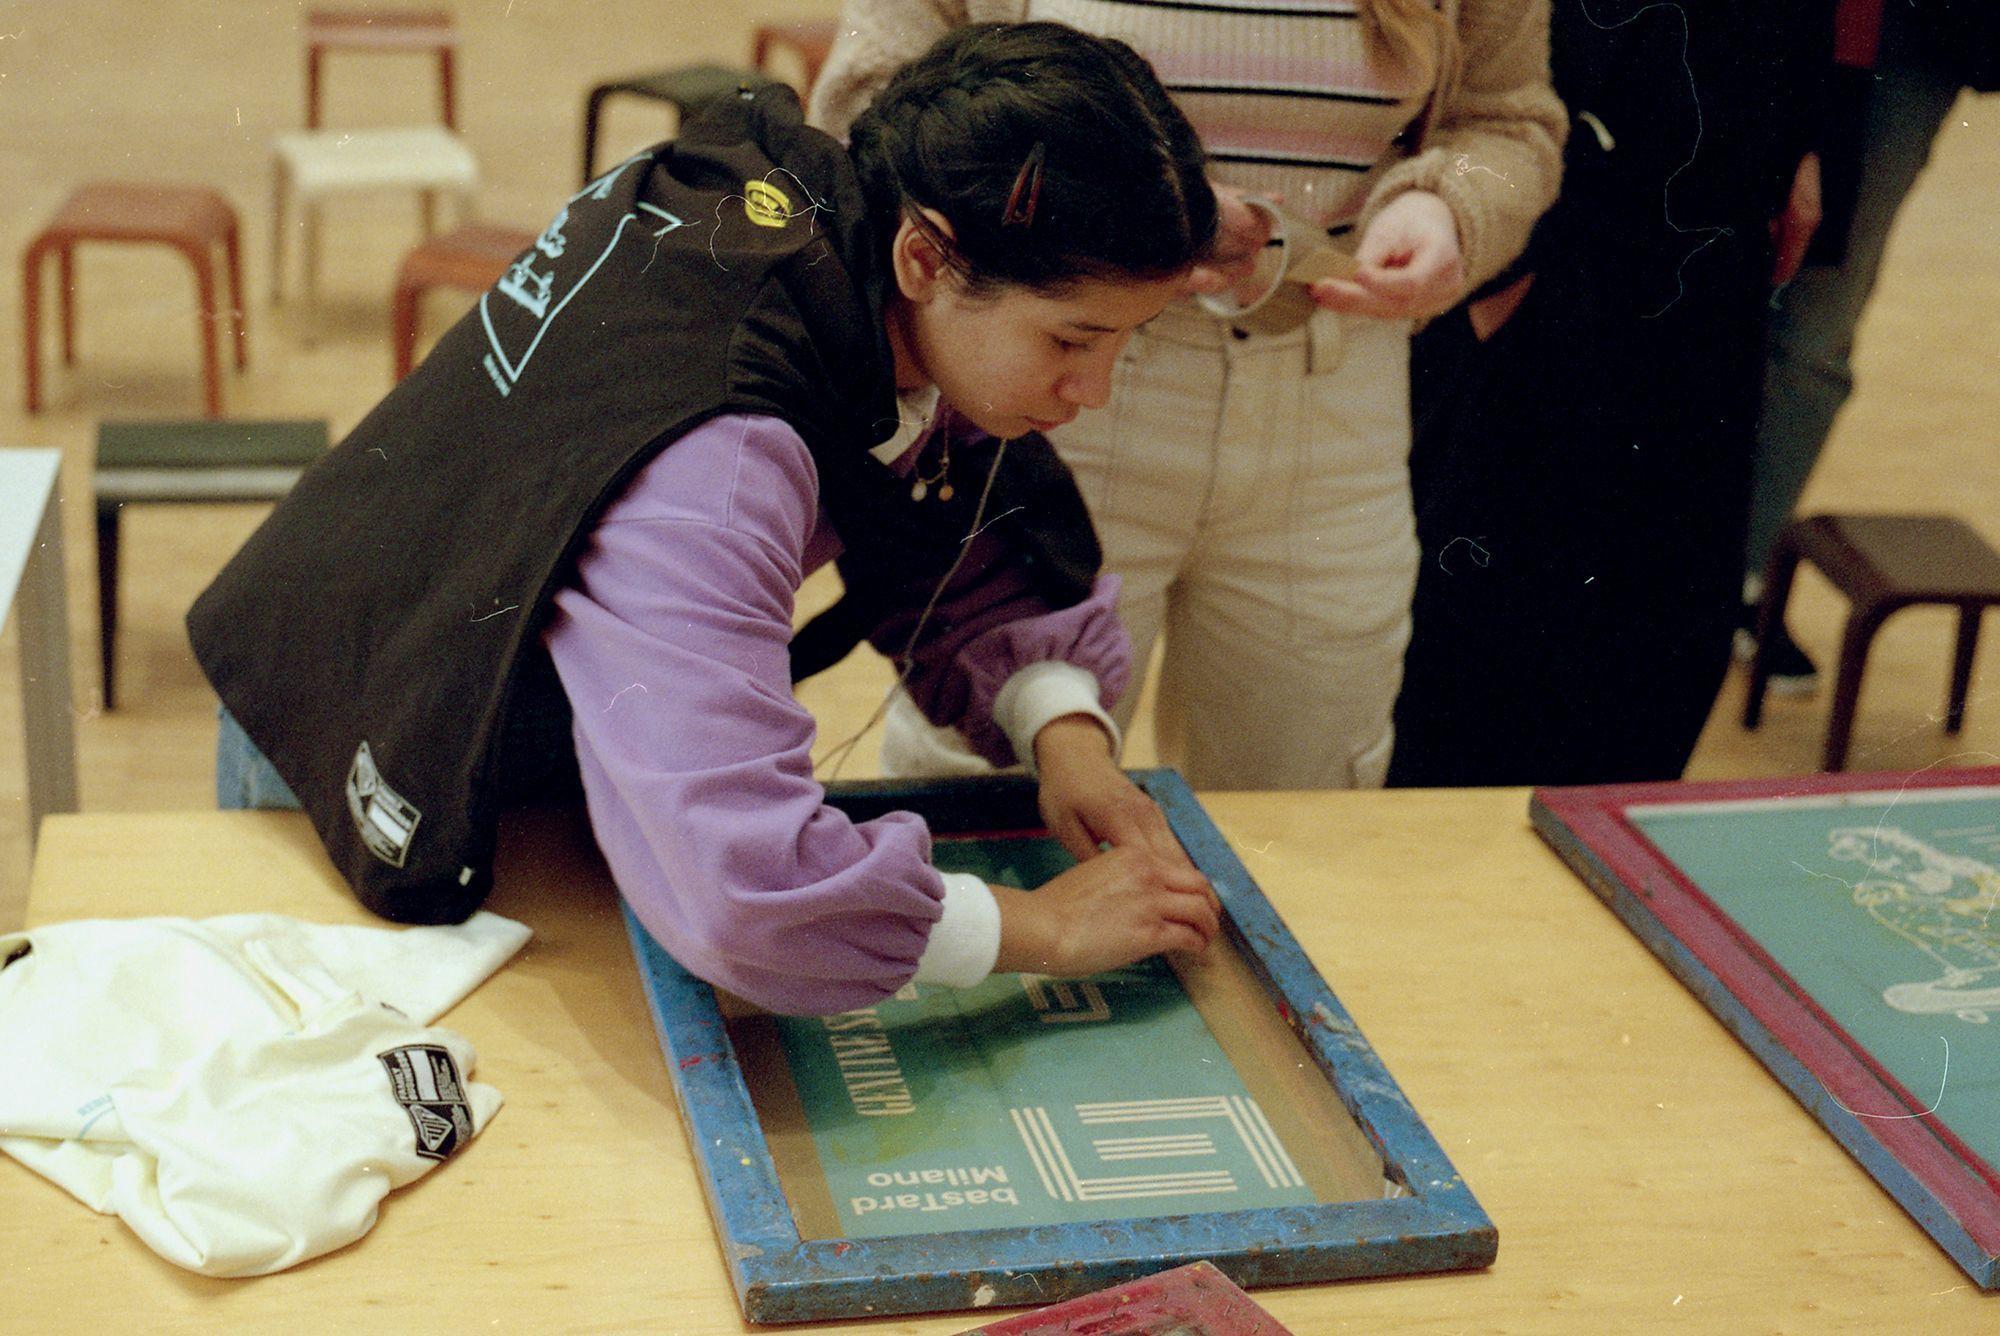 IUTER Together silkscreen print workshop at Triennale Milano IUTER workshop at Triennale Milano